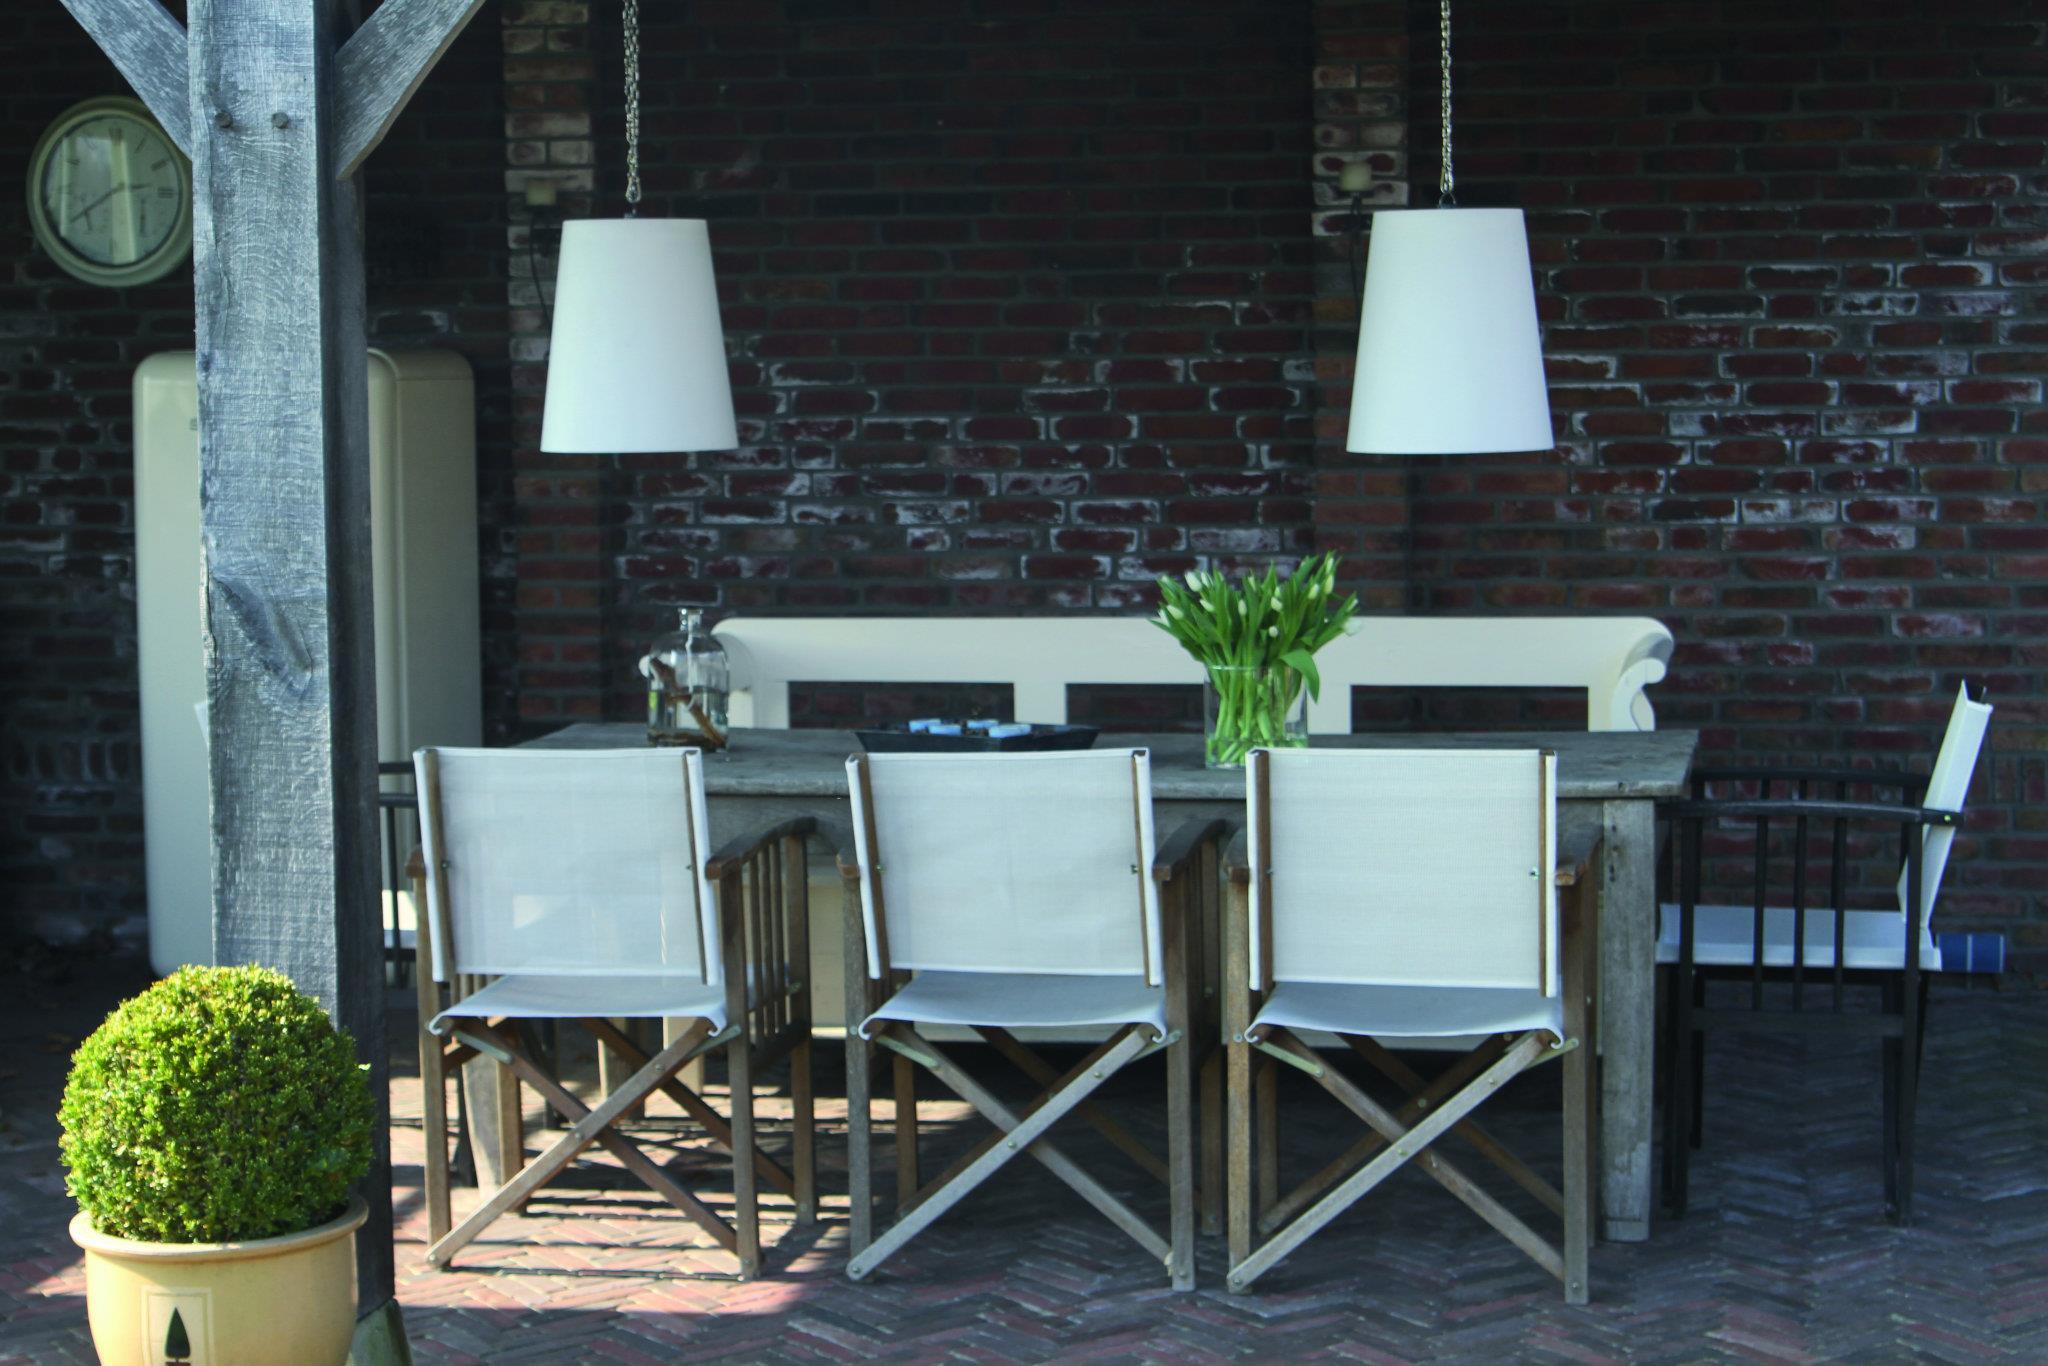 Draadloze dutch design hanglampen voor de tuin. Op zonne-energie van Gacoli